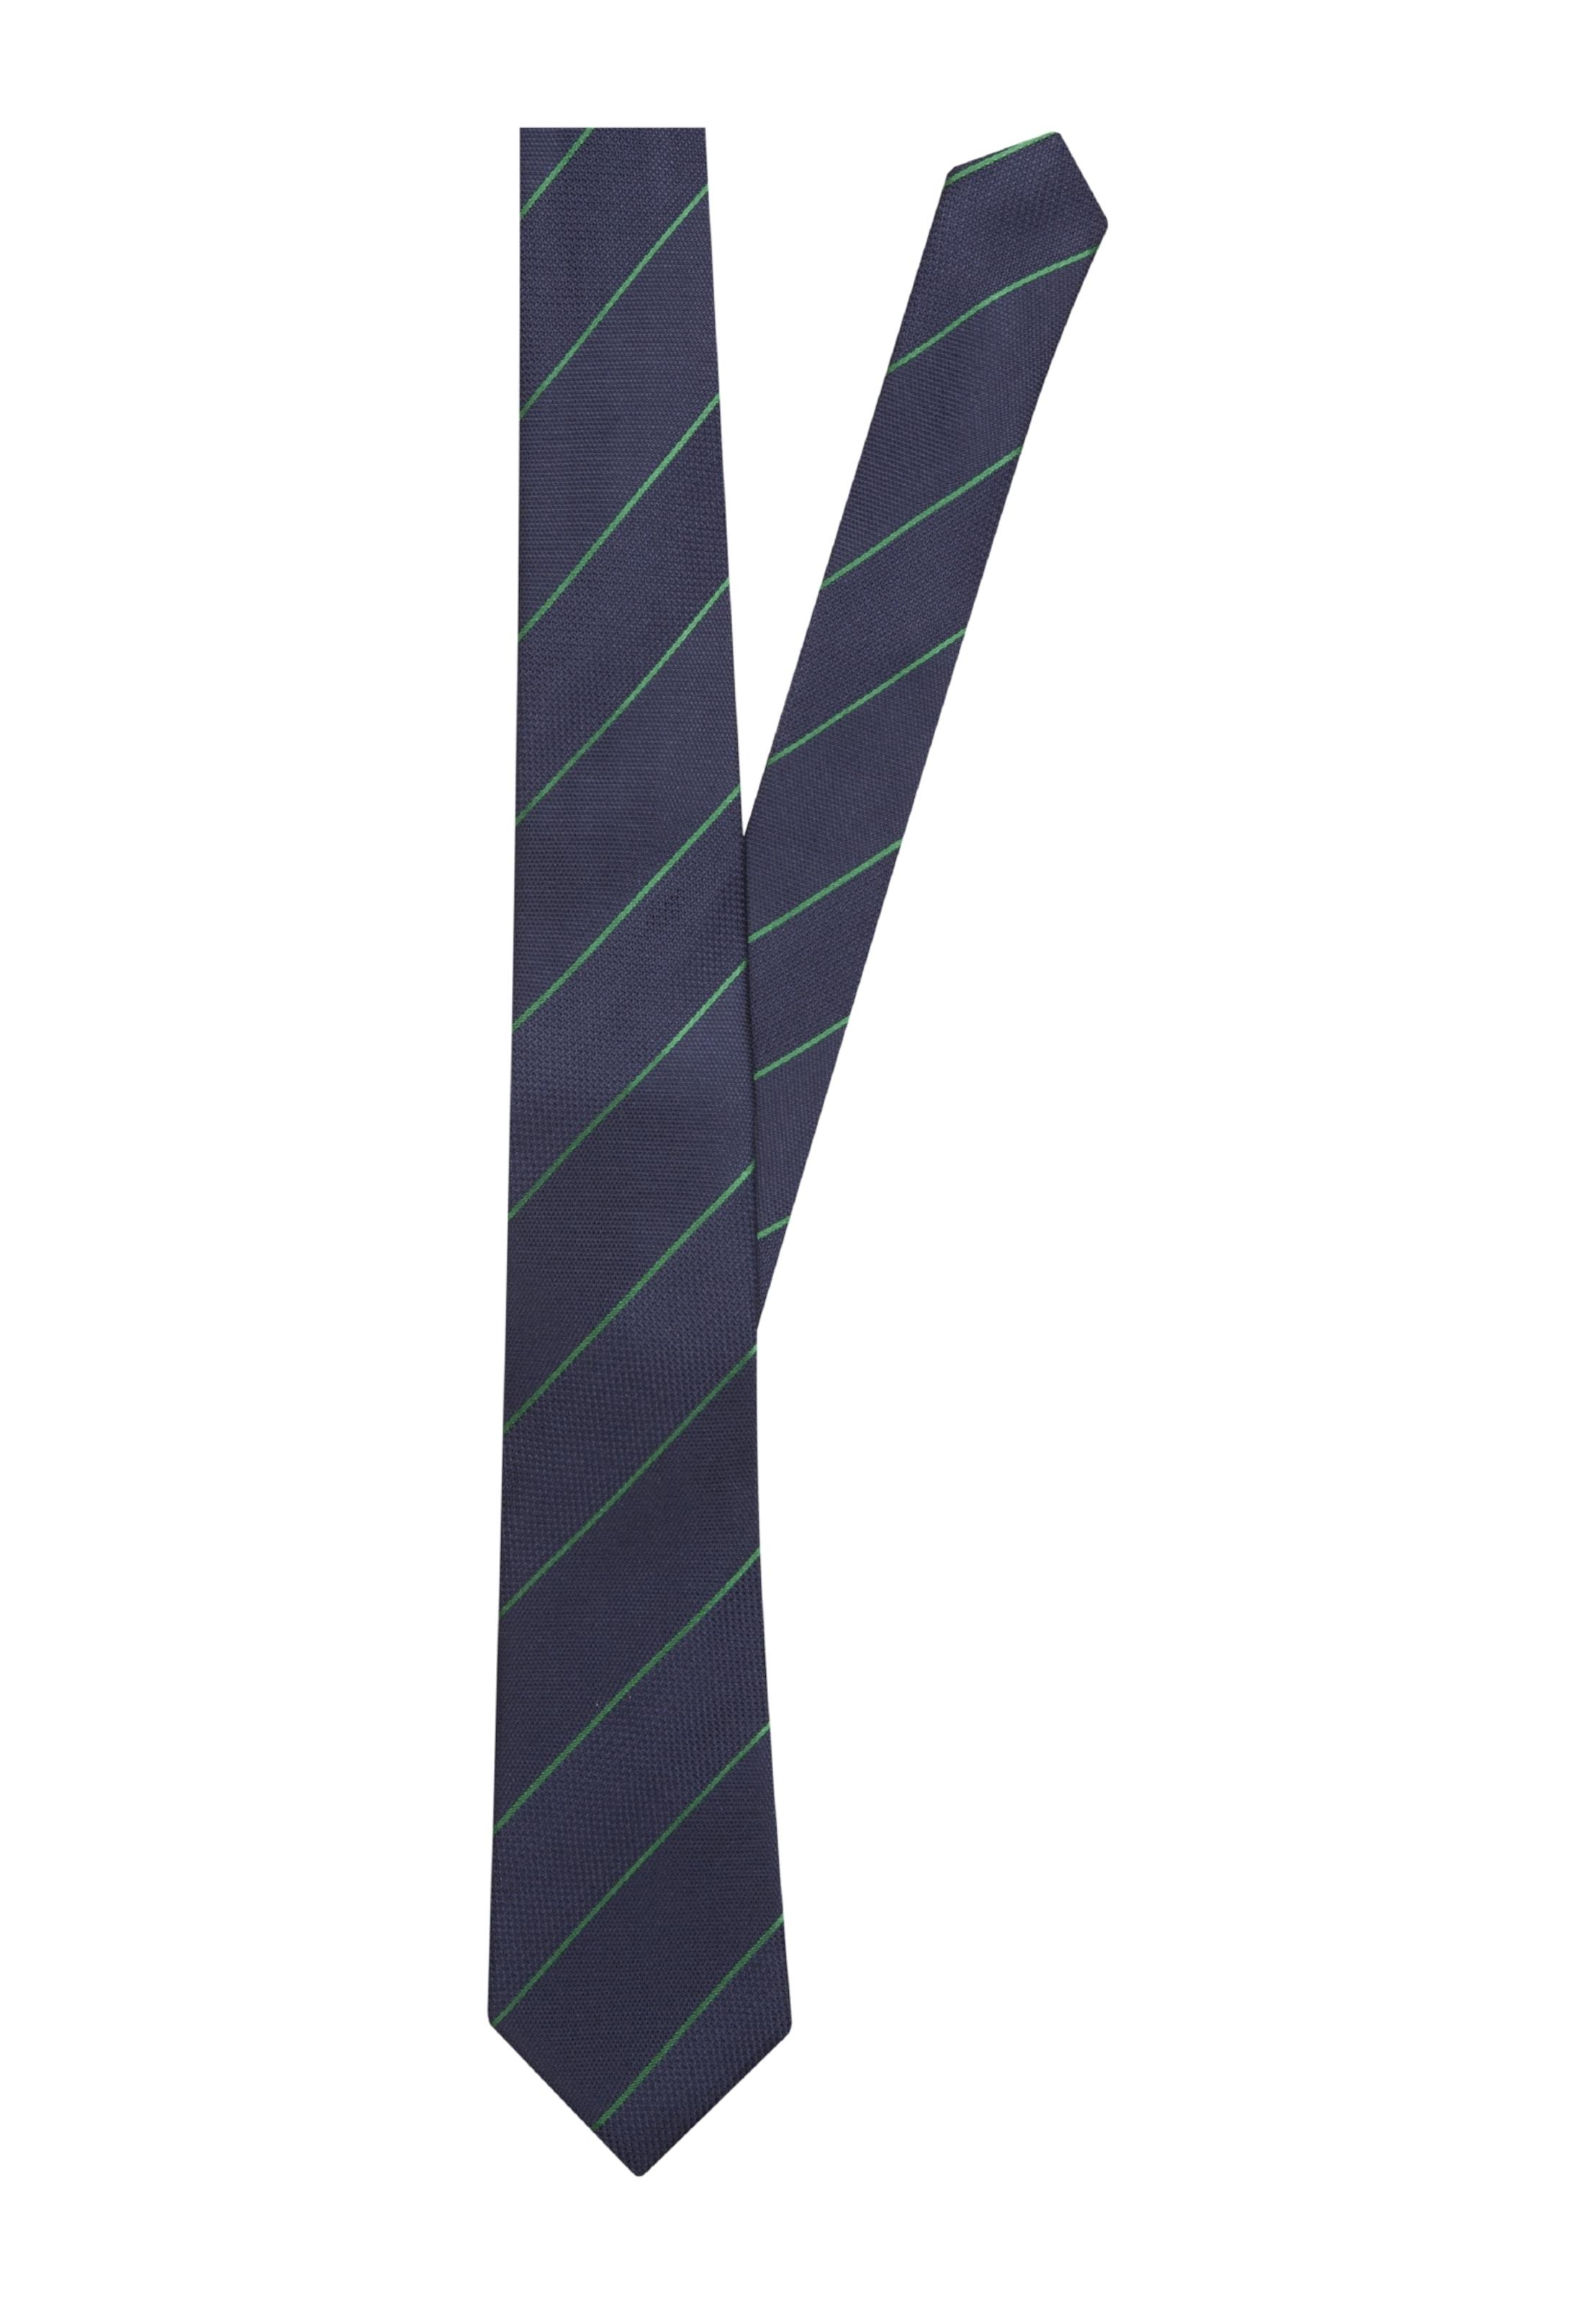 Rose' Seidensticker NavyGrün Krawatte 'schwarze In kwOn0P